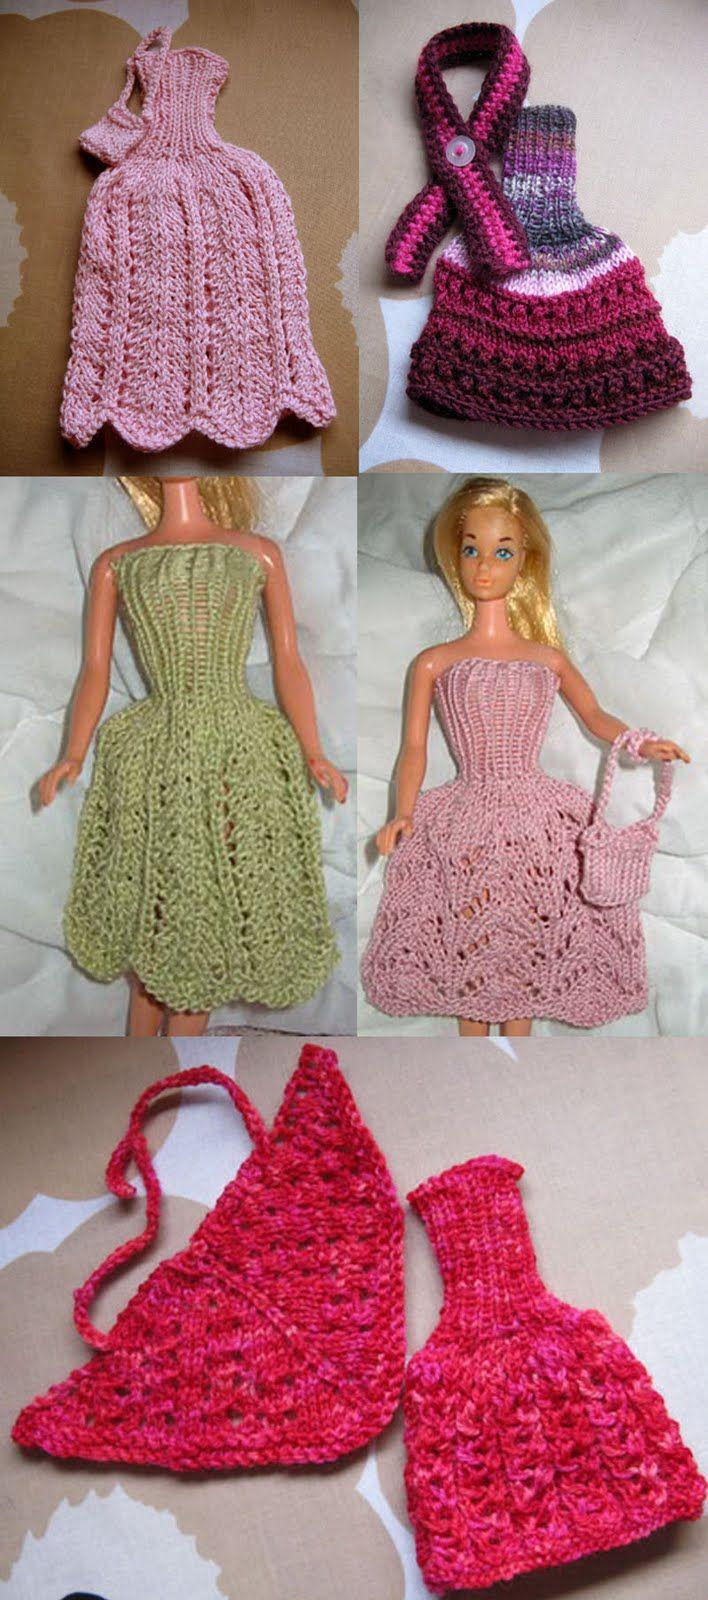 Lankapirtti: Barbien mekkojen ohje